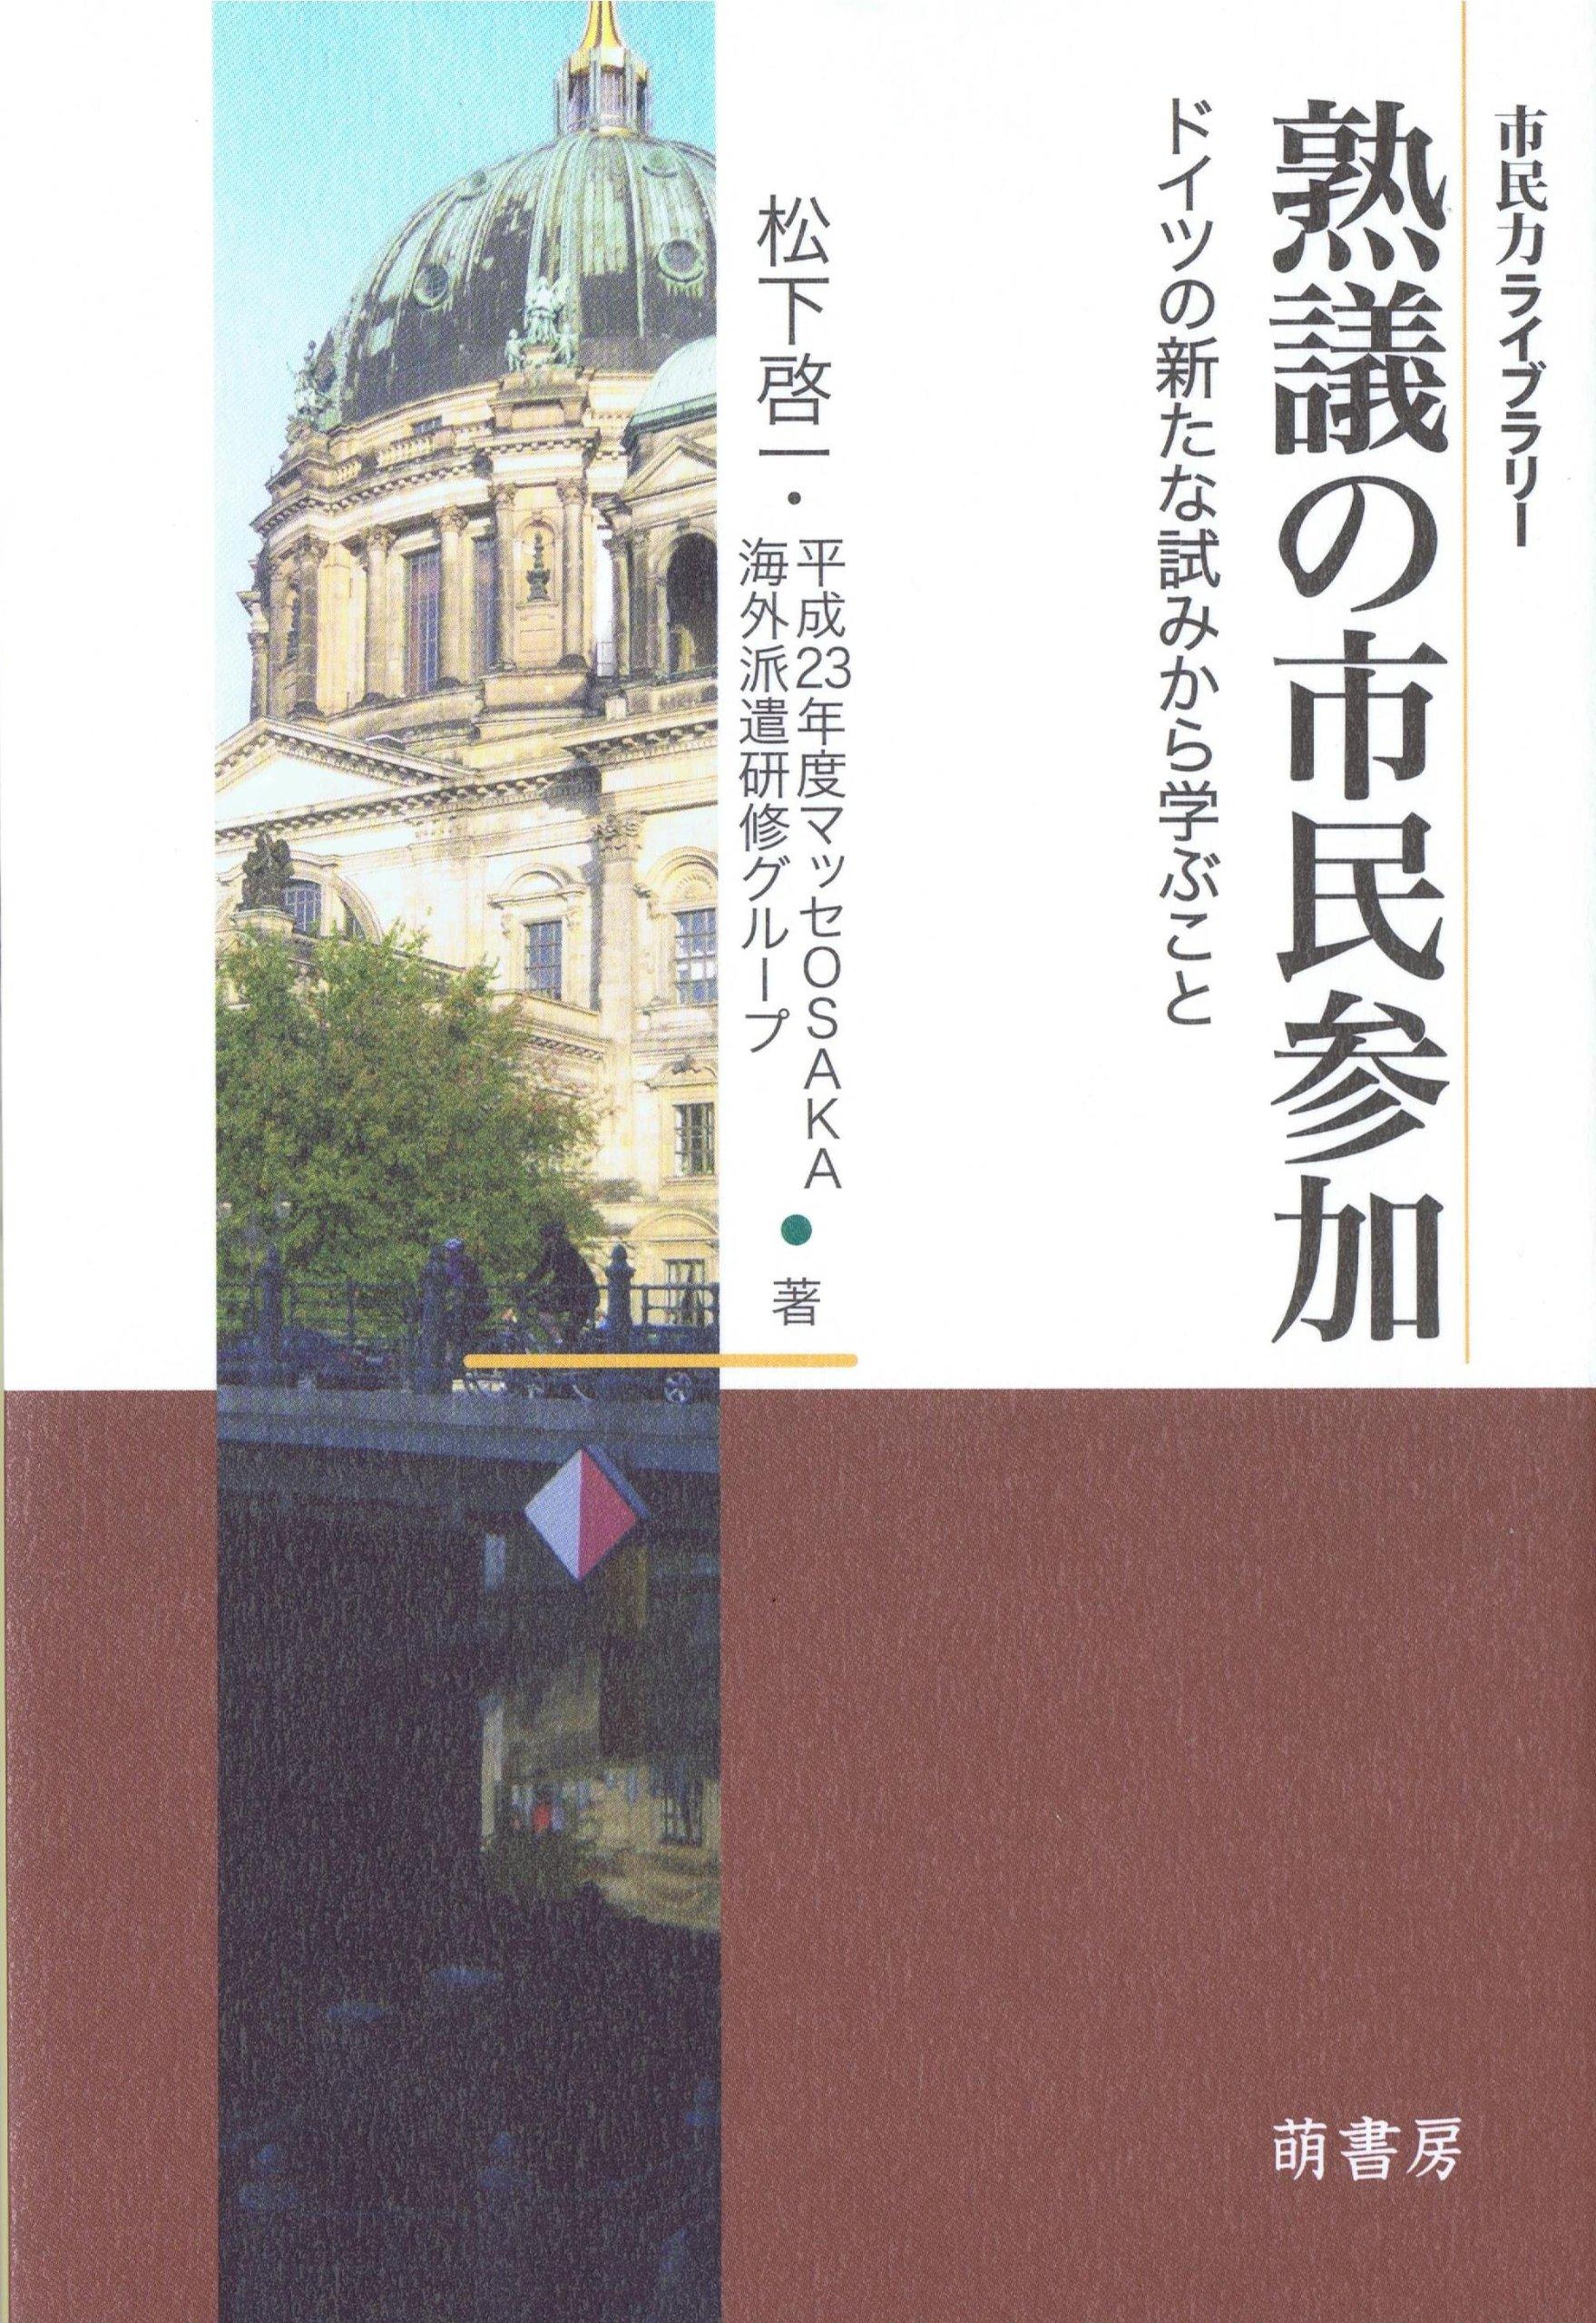 Jukugi no shimin sanka : Doitsu no arata na kokoromi kara manabu koto. ebook